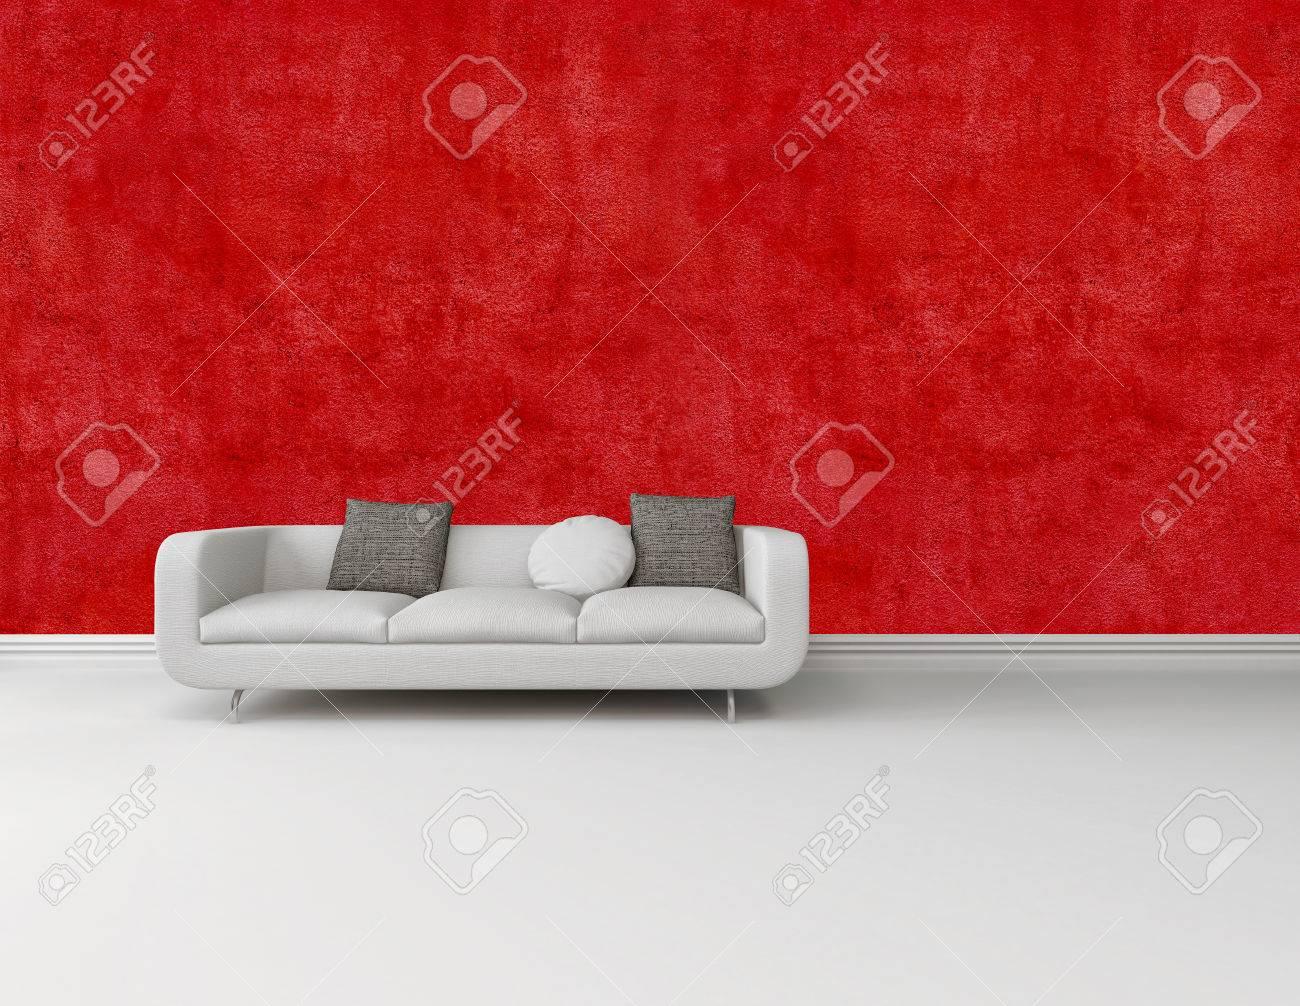 Canape Blanc Moderne Avec Coussins Gris Contre Un Mur Rouge Vif Sur